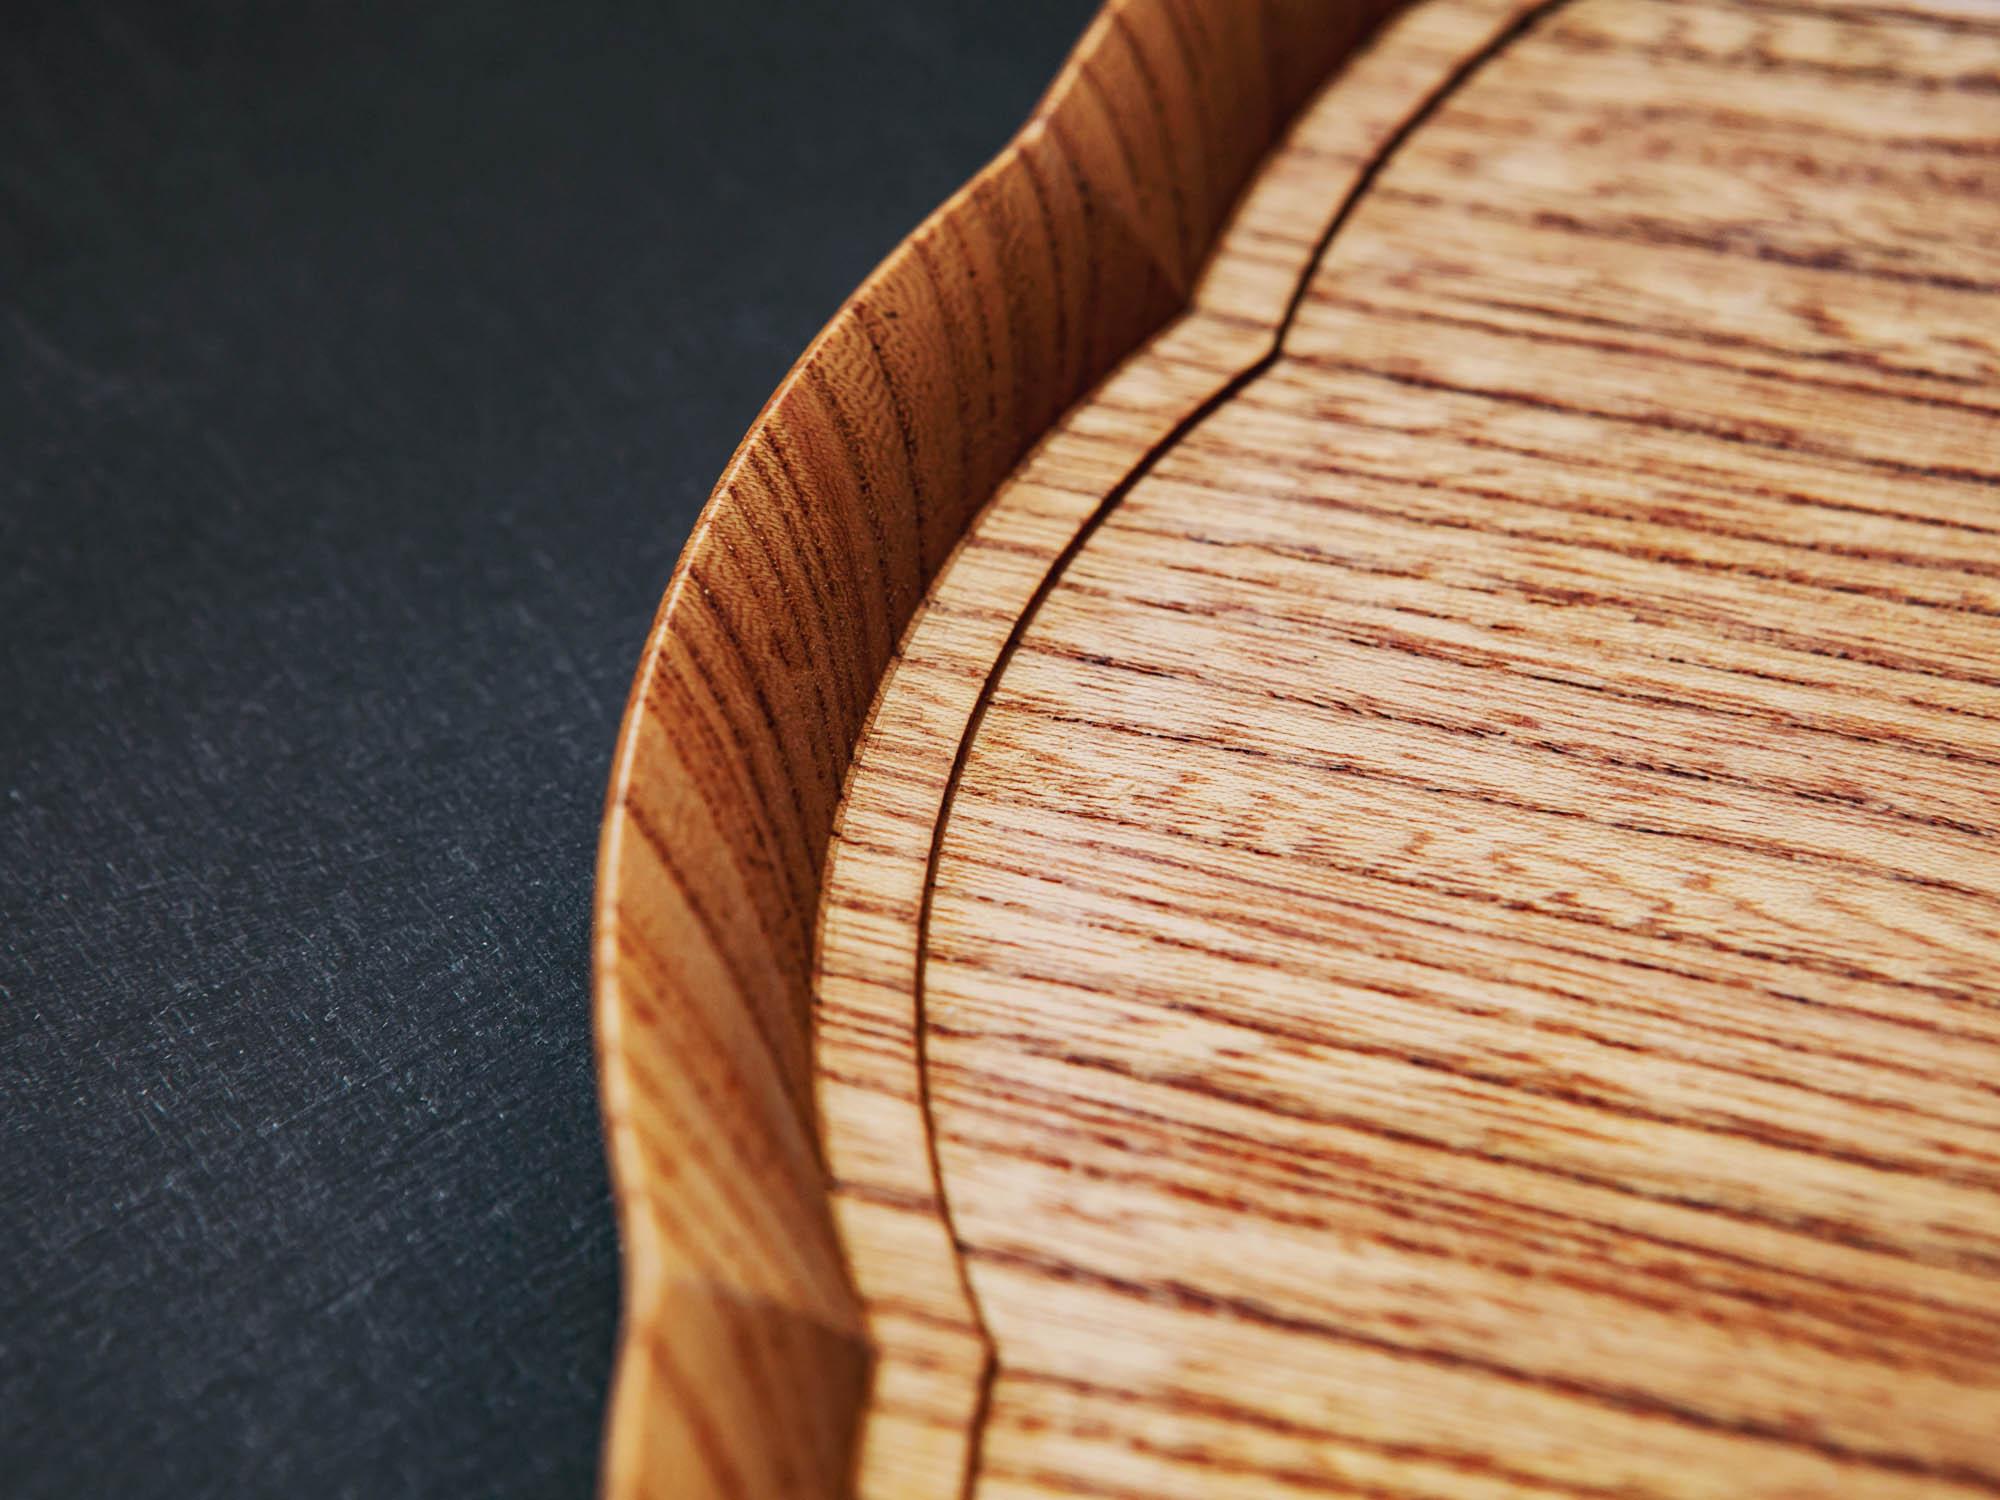 輪花盆 四十沢木材工芸